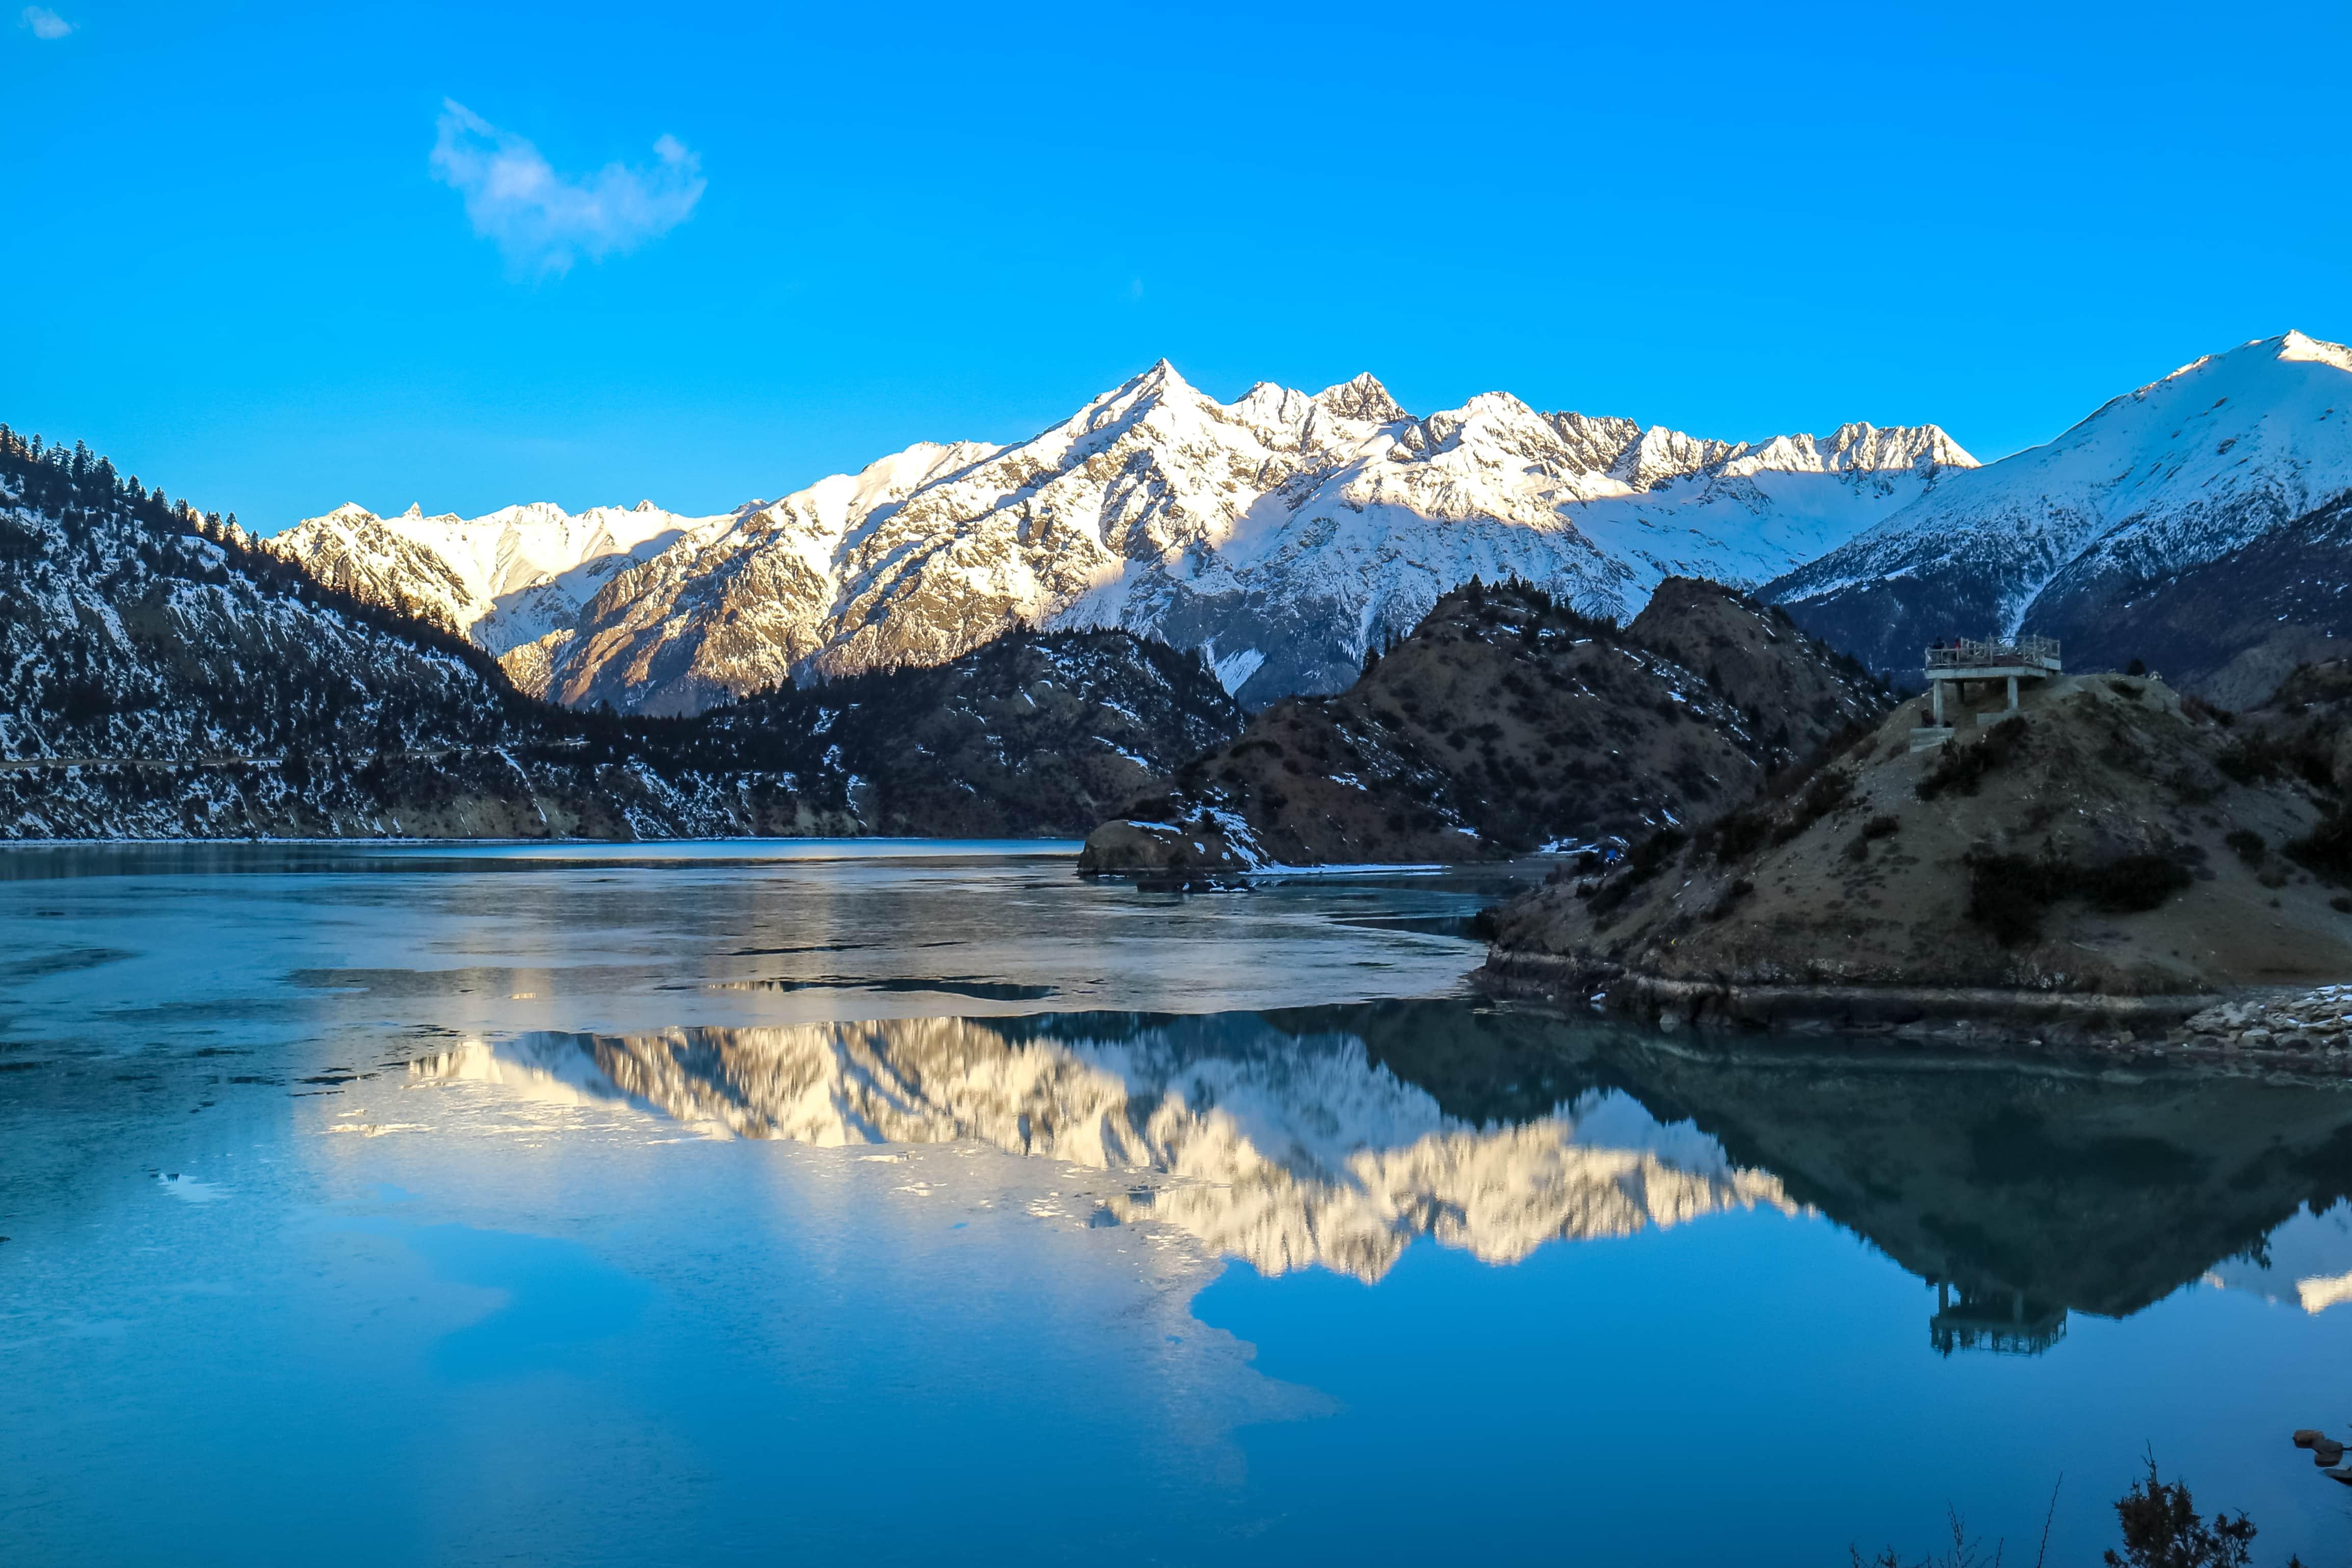 Ranwu Tso lake in Nyingchi, Eastern Tibet